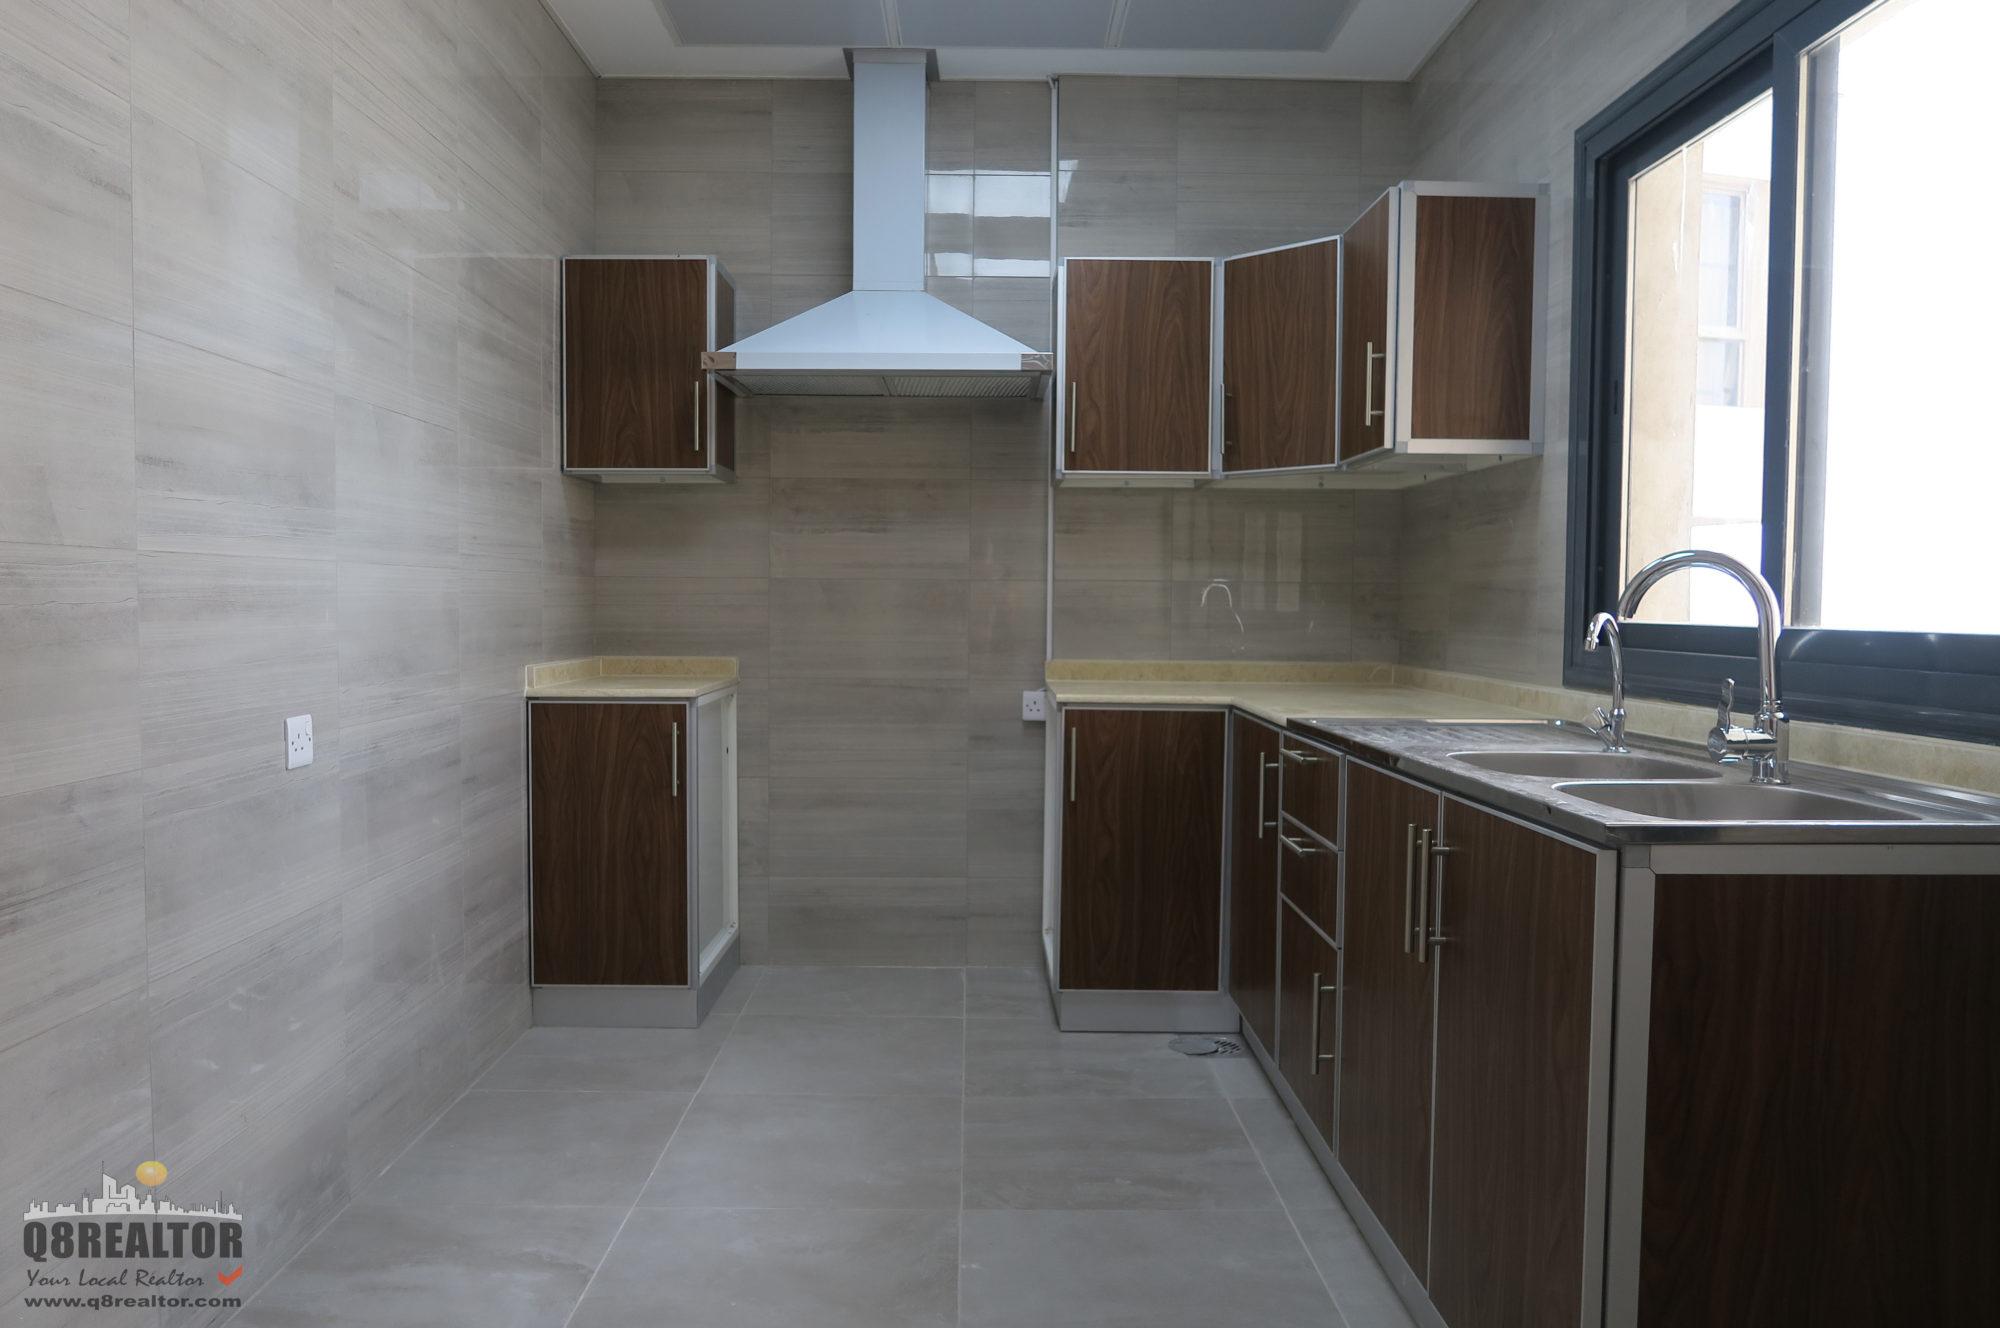 Kitchen c ad.